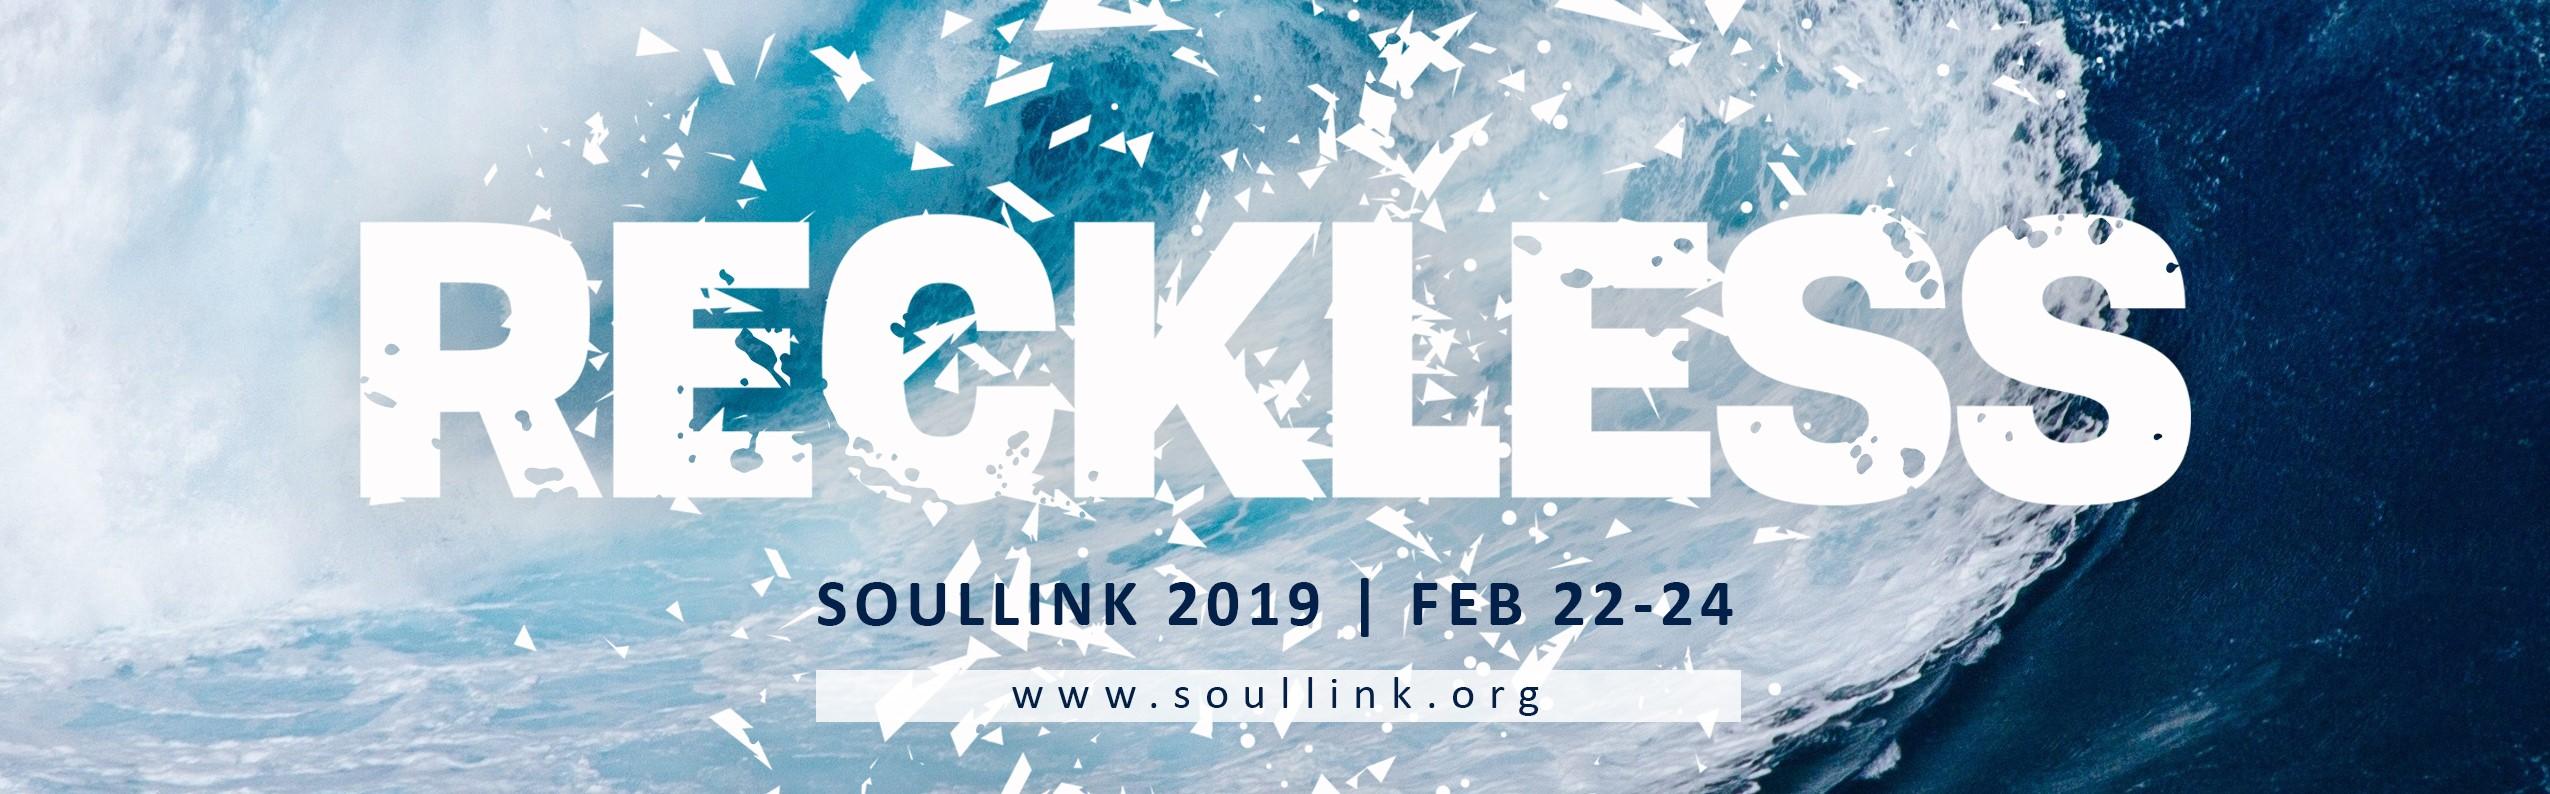 Soul Link 2019 logo